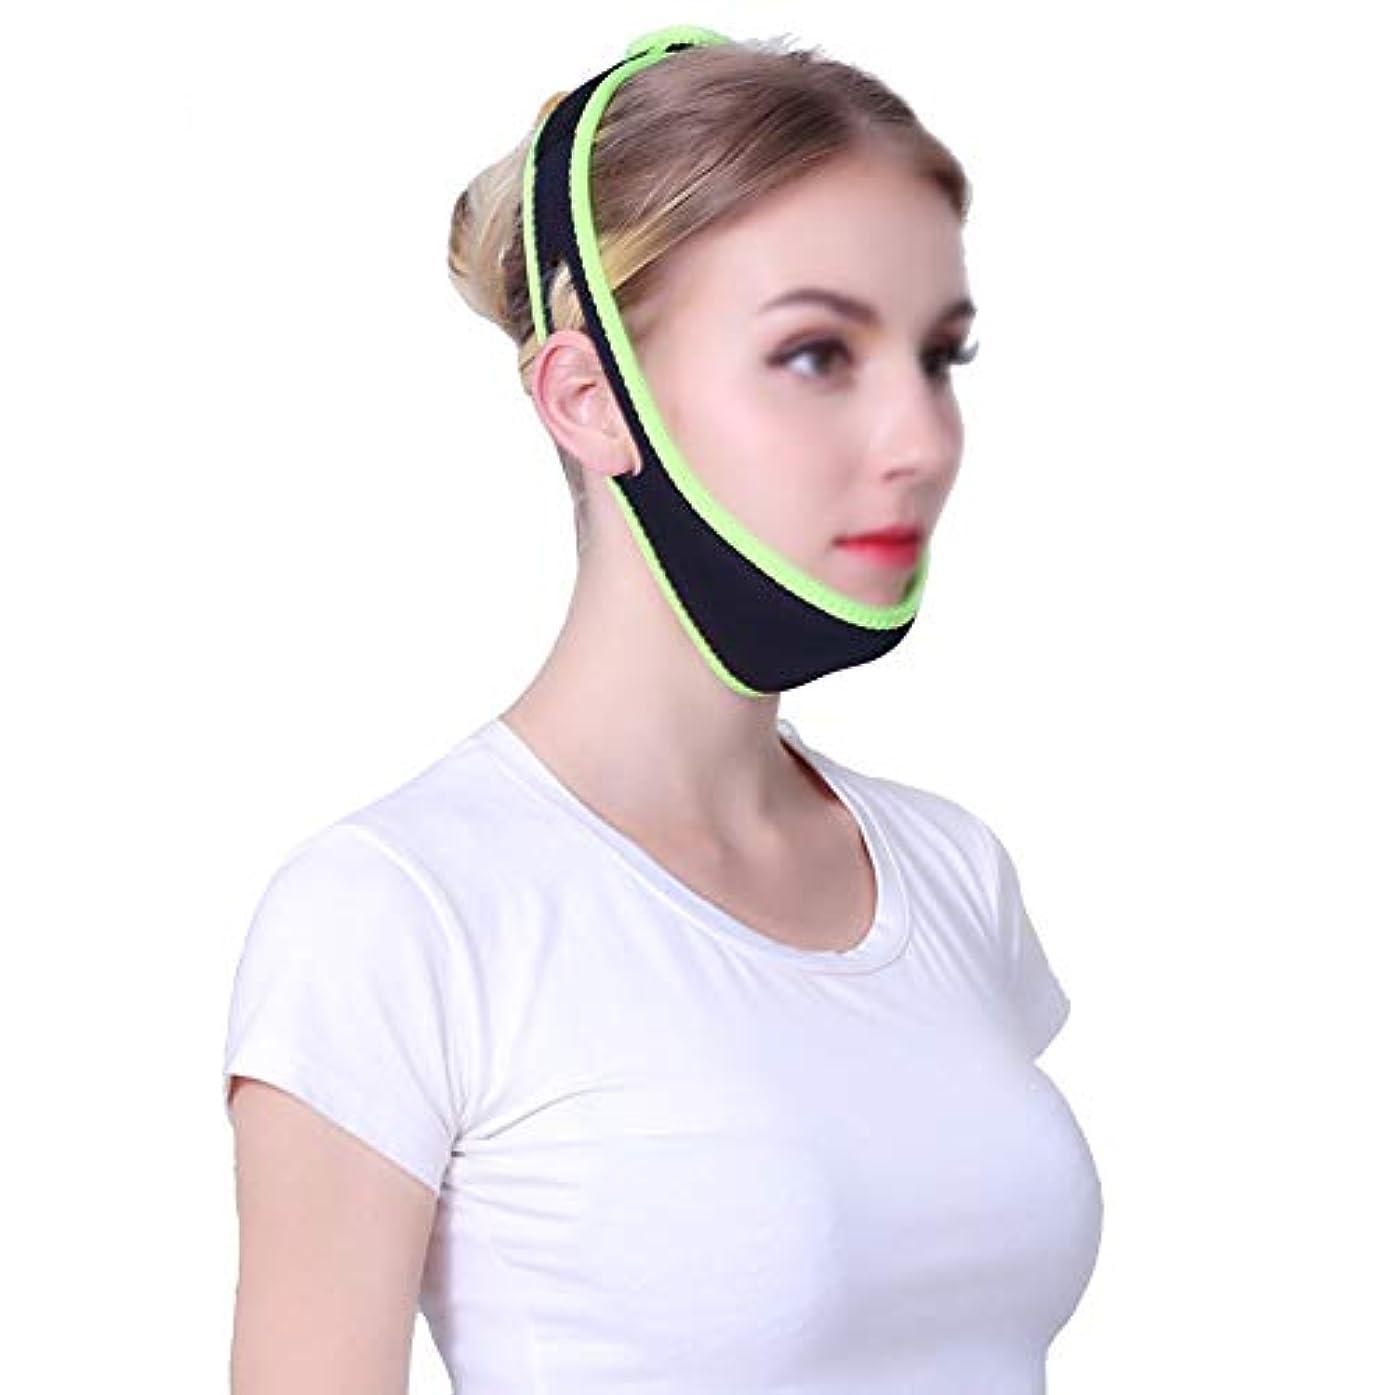 拍手立場一握りLJK 引き締めフェイスマスク、リフティングマスク引き締めクリームフェイスリフトフェイスメロンフェイス楽器と小さなvフェイスアーティファクト睡眠薄いフェイス包帯マスク